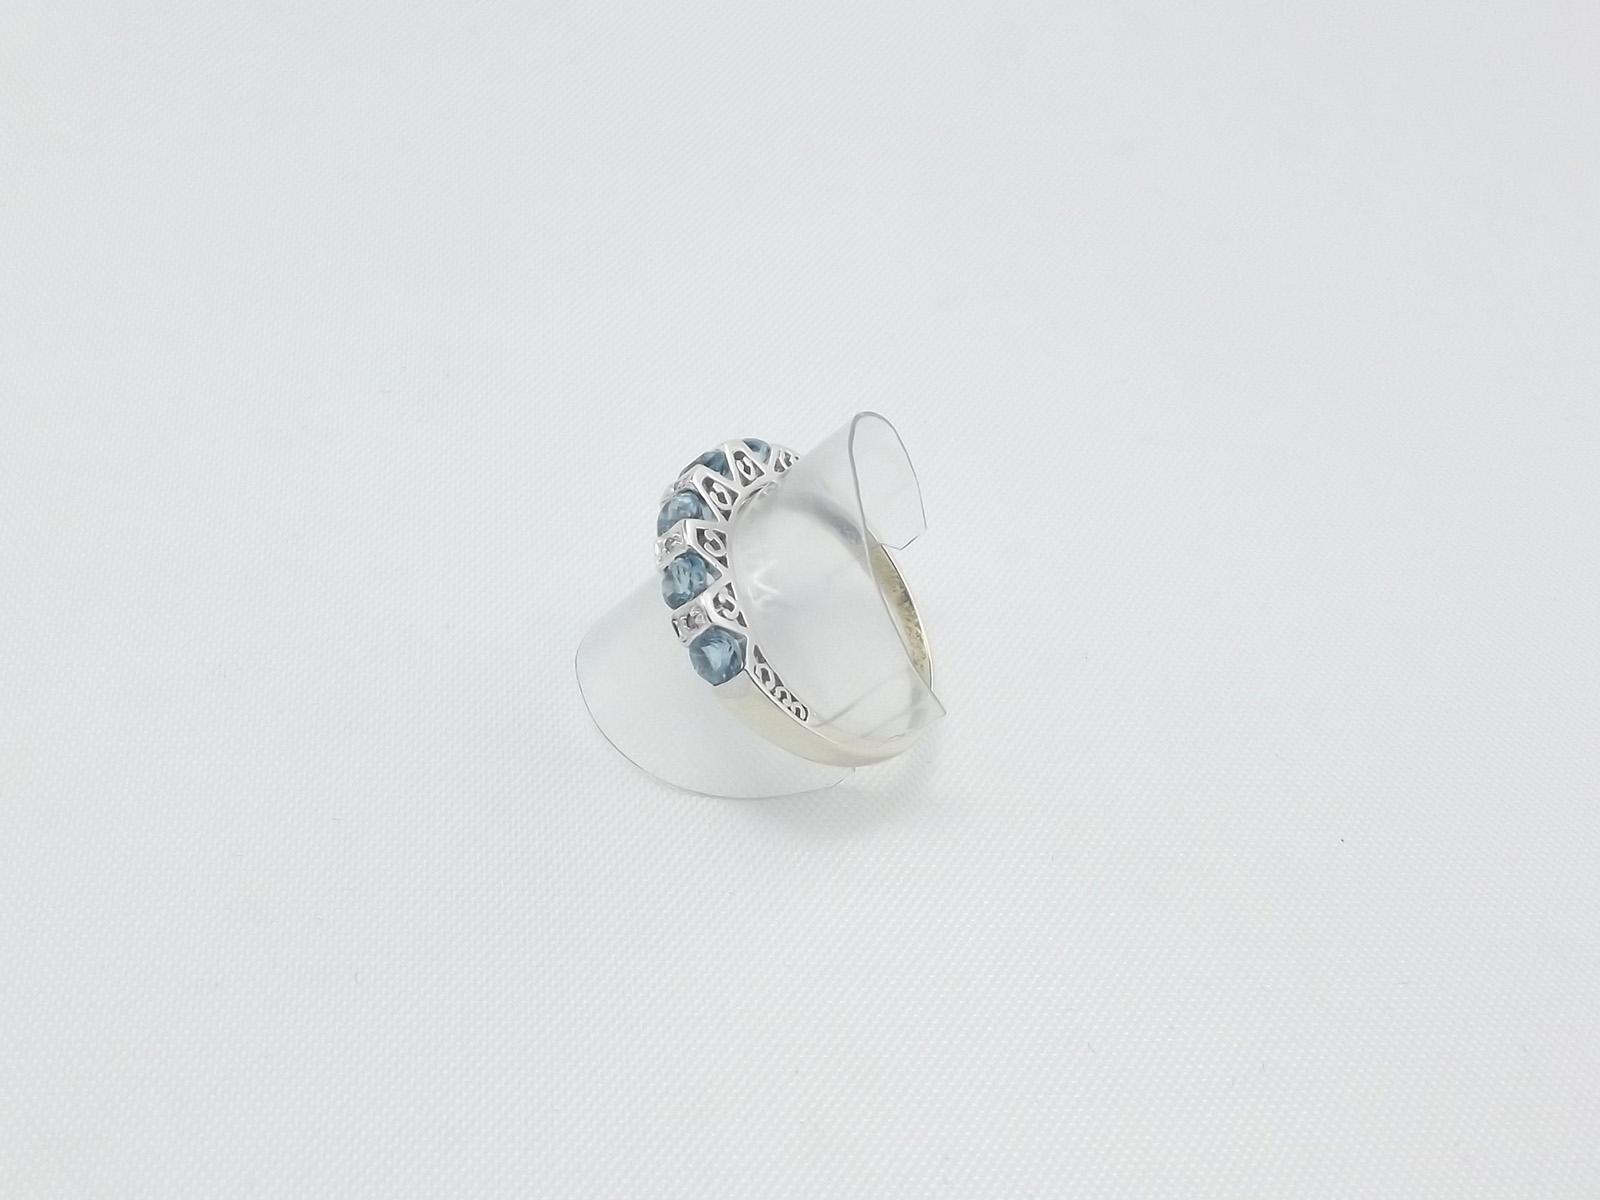 Lyseblå akvamarin & diamantring 9 karat hvidguld, brugt til salg